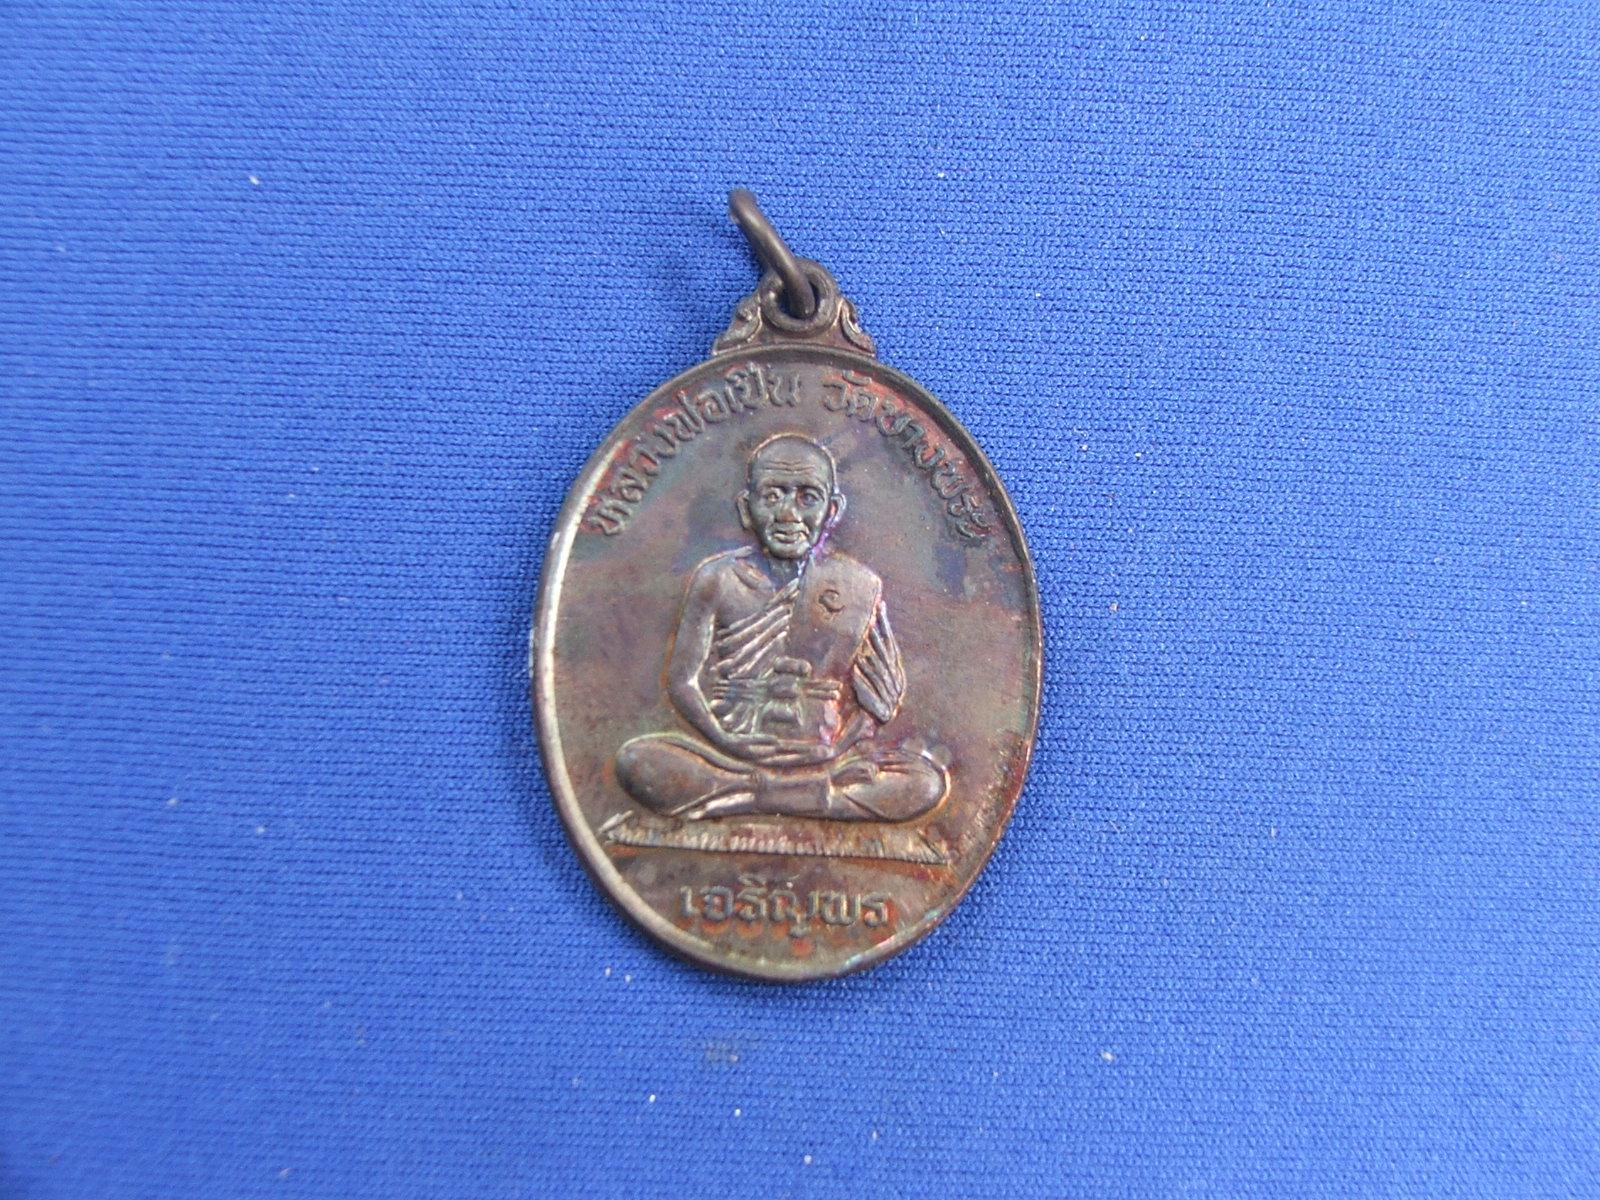 เหรียญ หลวงพ่อเปิ่นหลังเสือ รุ่นเจริญพร ปี 2537 ขนาดเหรียญ กว้าง 2.6 ซ.ม สูง 3.3 ซ.ม วัดบางพระ นครชัยศรี นครปฐม